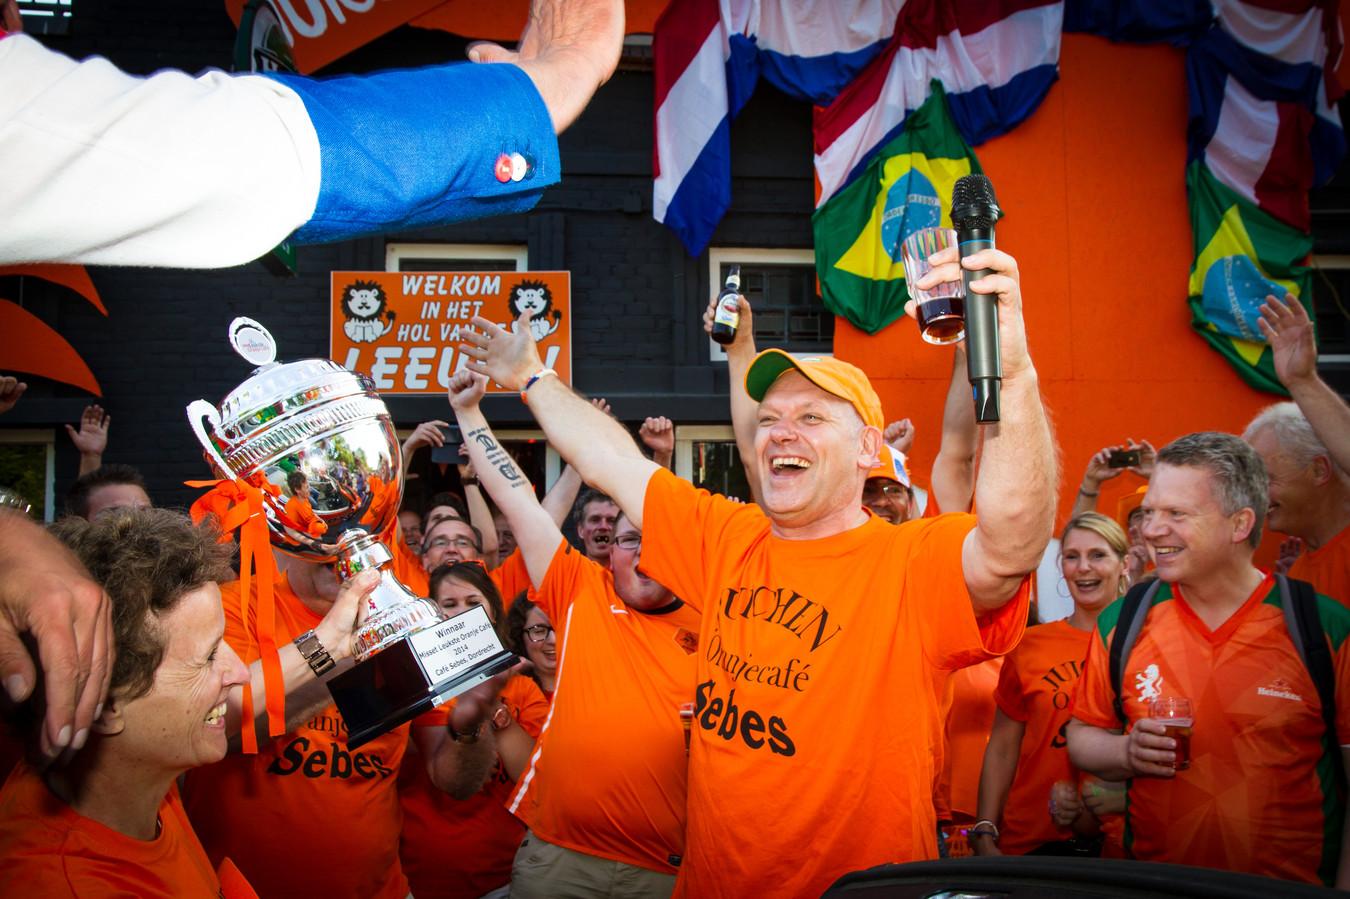 Café Sebes in Dordrecht werd in 2014 uitgeroepen tot het leukste oranjecafé van Nederland. Zondag speelt Nederland zijn eerste EK-wedstrijd, maar vanwege de coronacrisis mag er geen voetbal gekeken worden in de kroeg. Eigenaar Hubèrt Sebes: ,,We hebben niet eens versierd.''